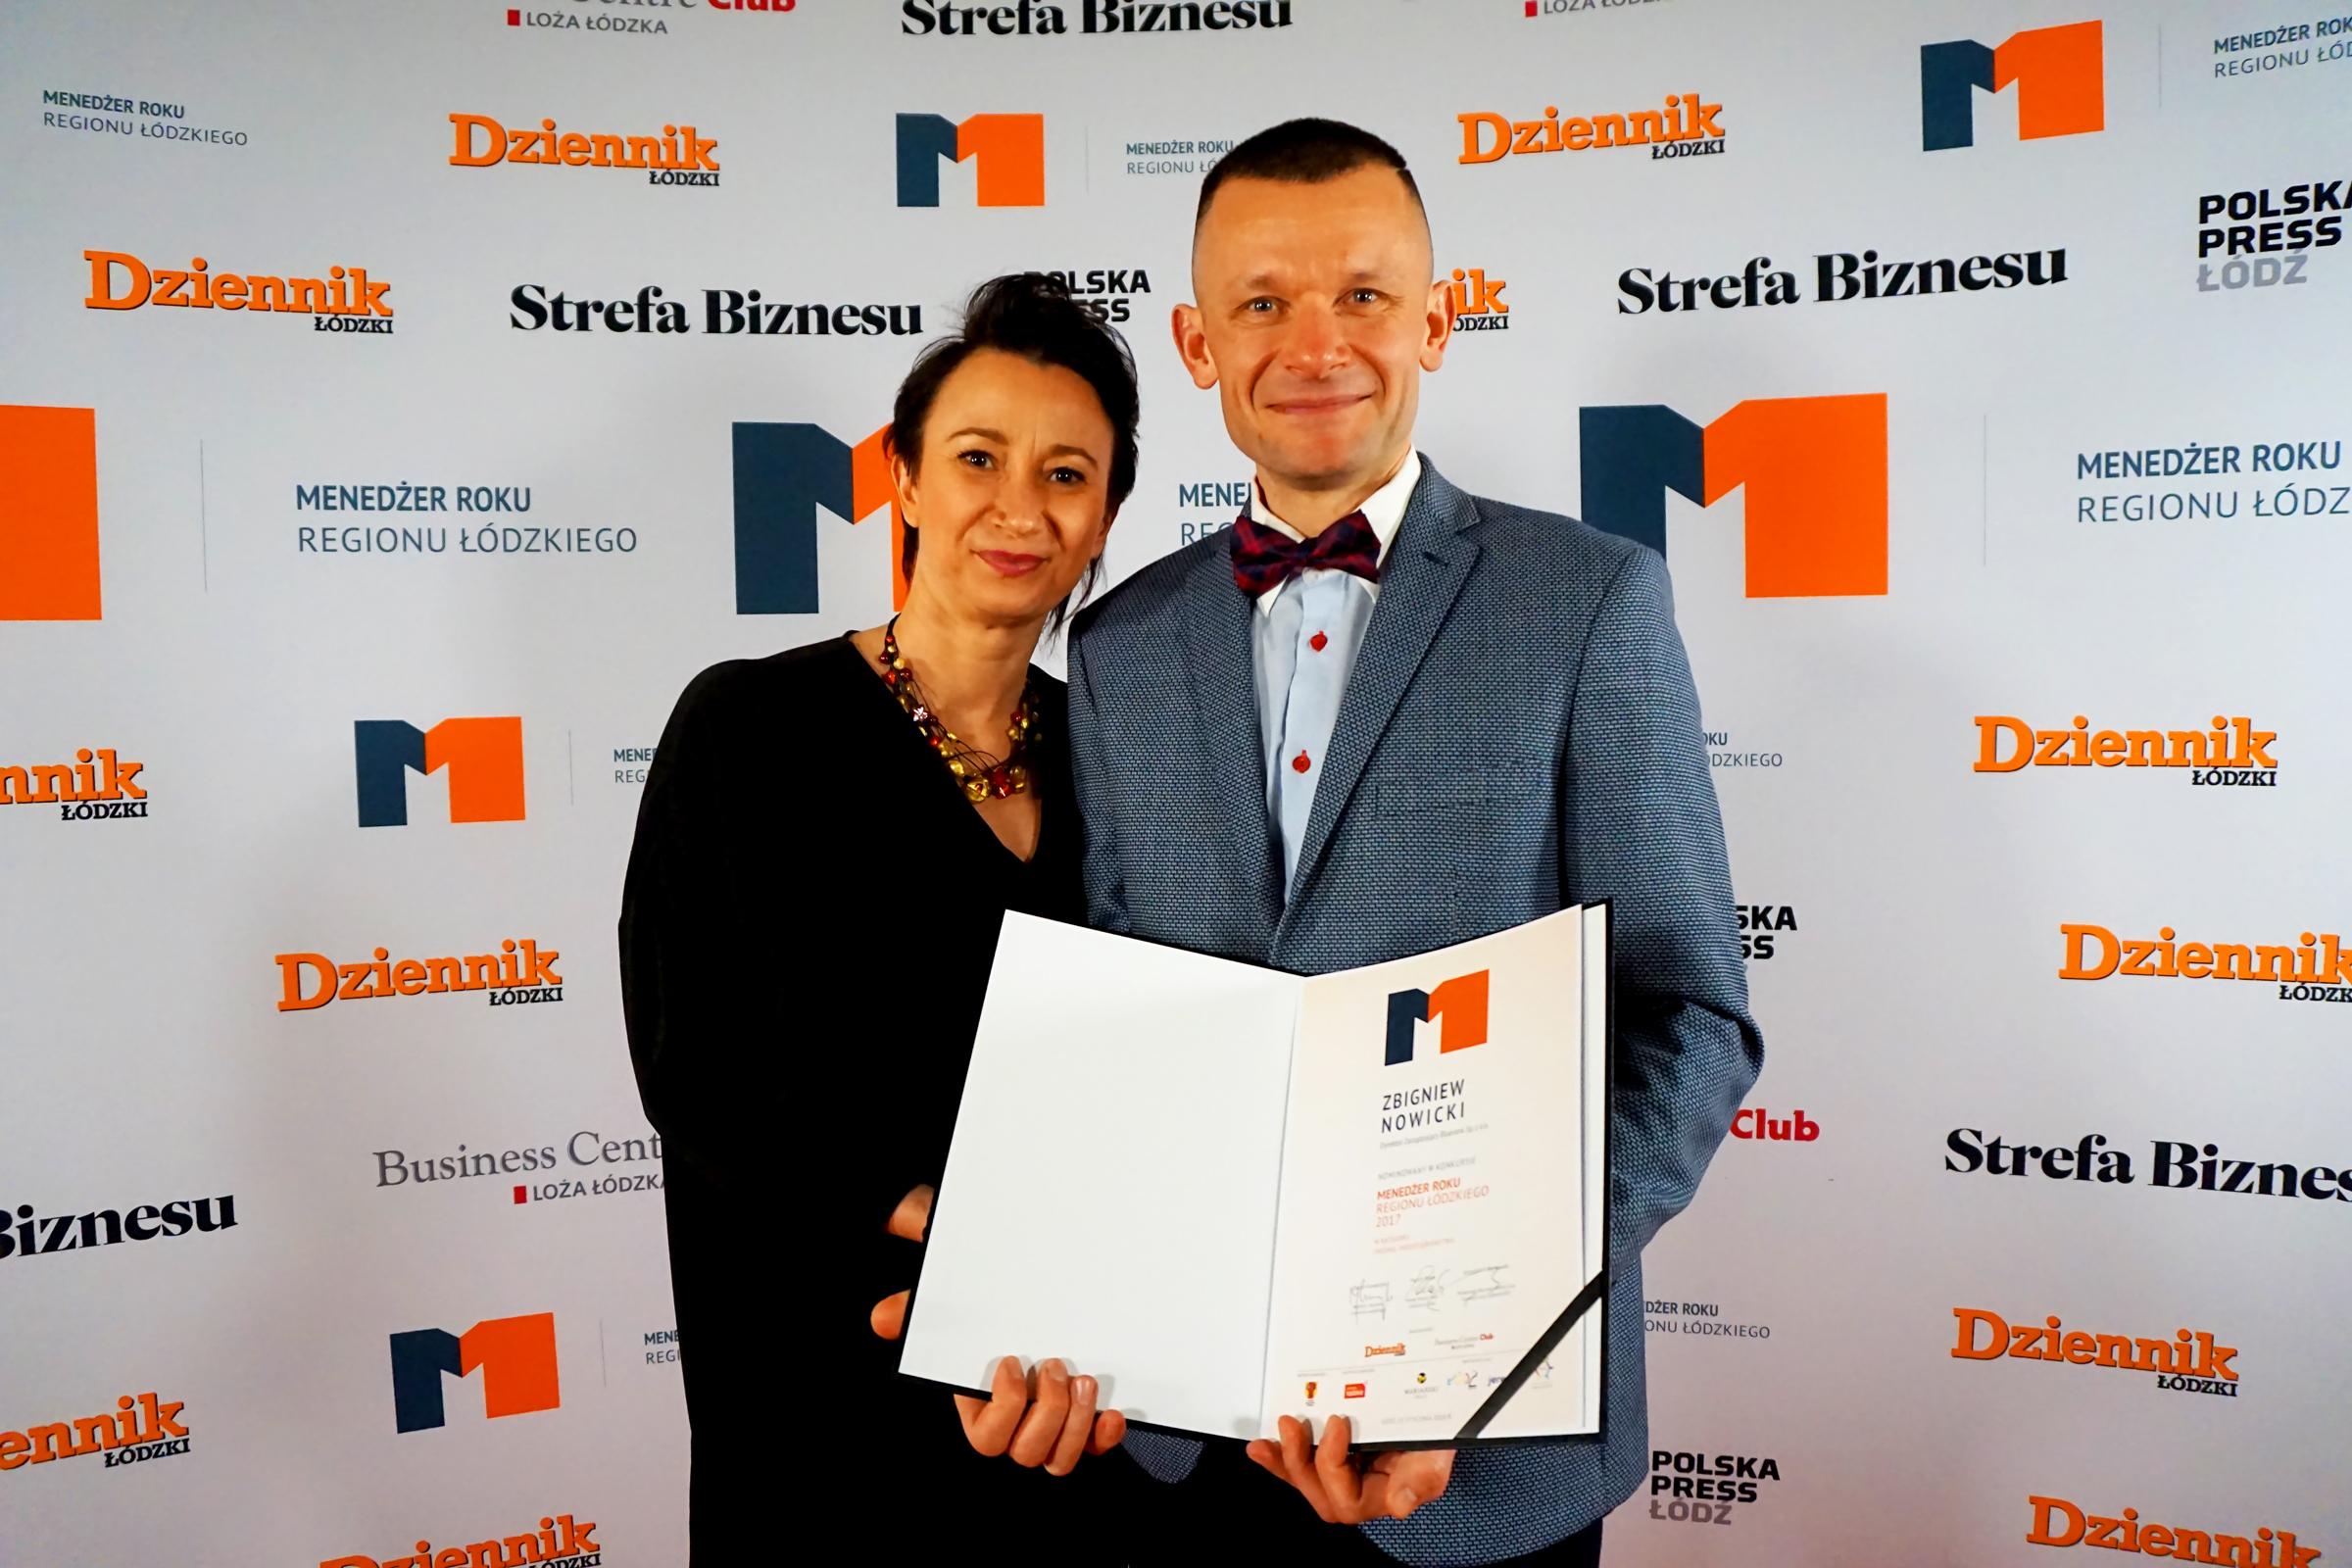 Zbigniew Nowicki wśród najlepszych menedżerów regionu łódzkiego